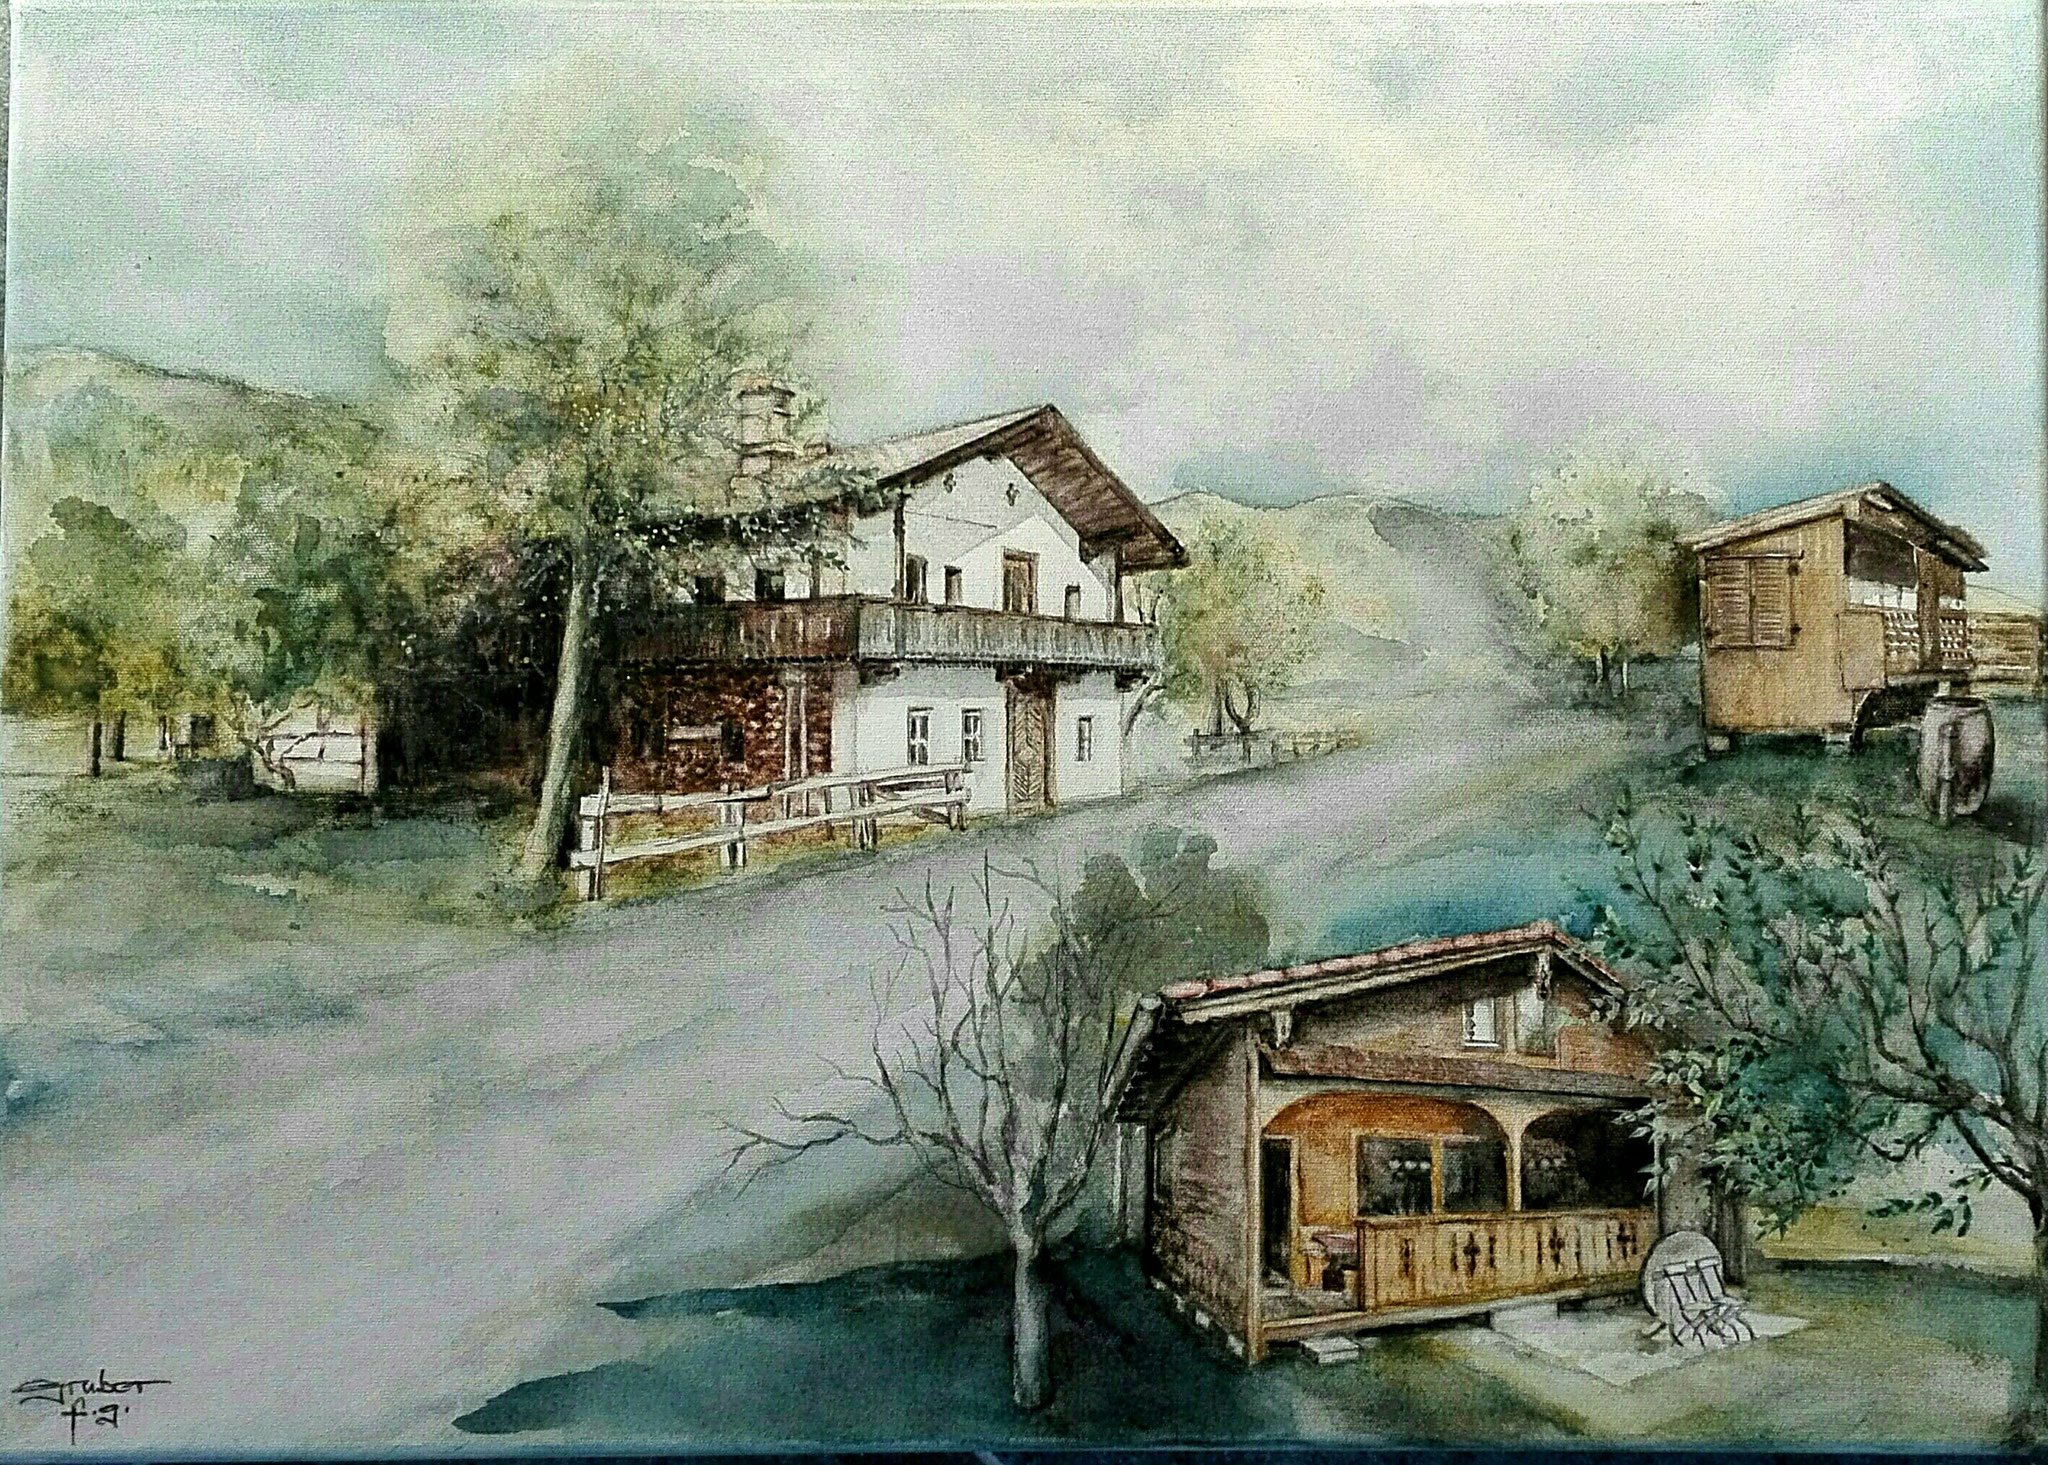 aquarell - trilogie tiroler bauernhof und nebengebäude (plein air)